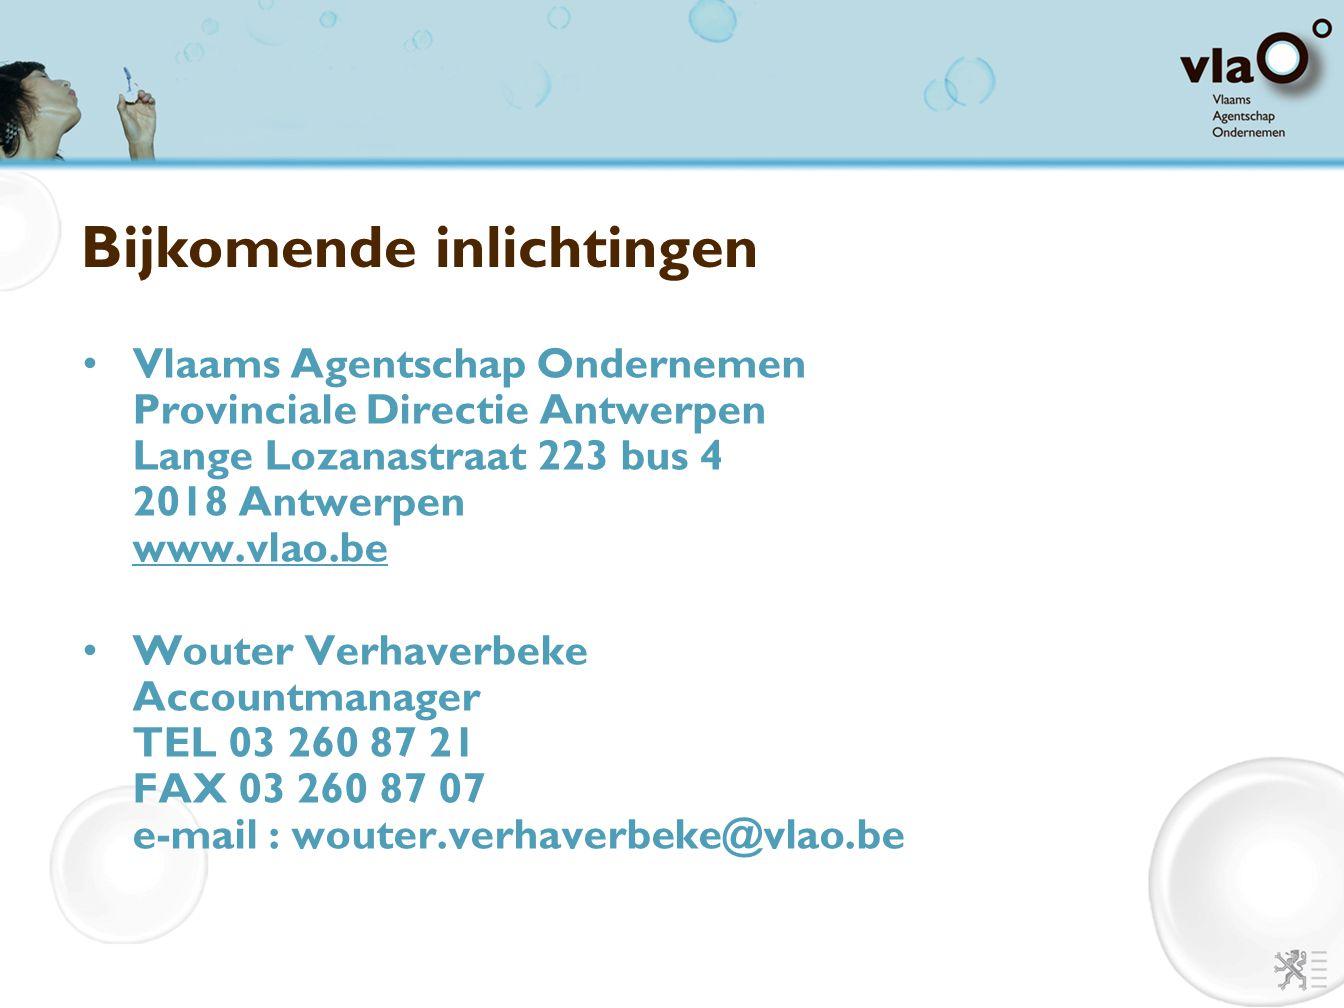 Bijkomende inlichtingen Vlaams Agentschap Ondernemen Provinciale Directie Antwerpen Lange Lozanastraat 223 bus 4 2018 Antwerpen www.vlao.be www.vlao.b